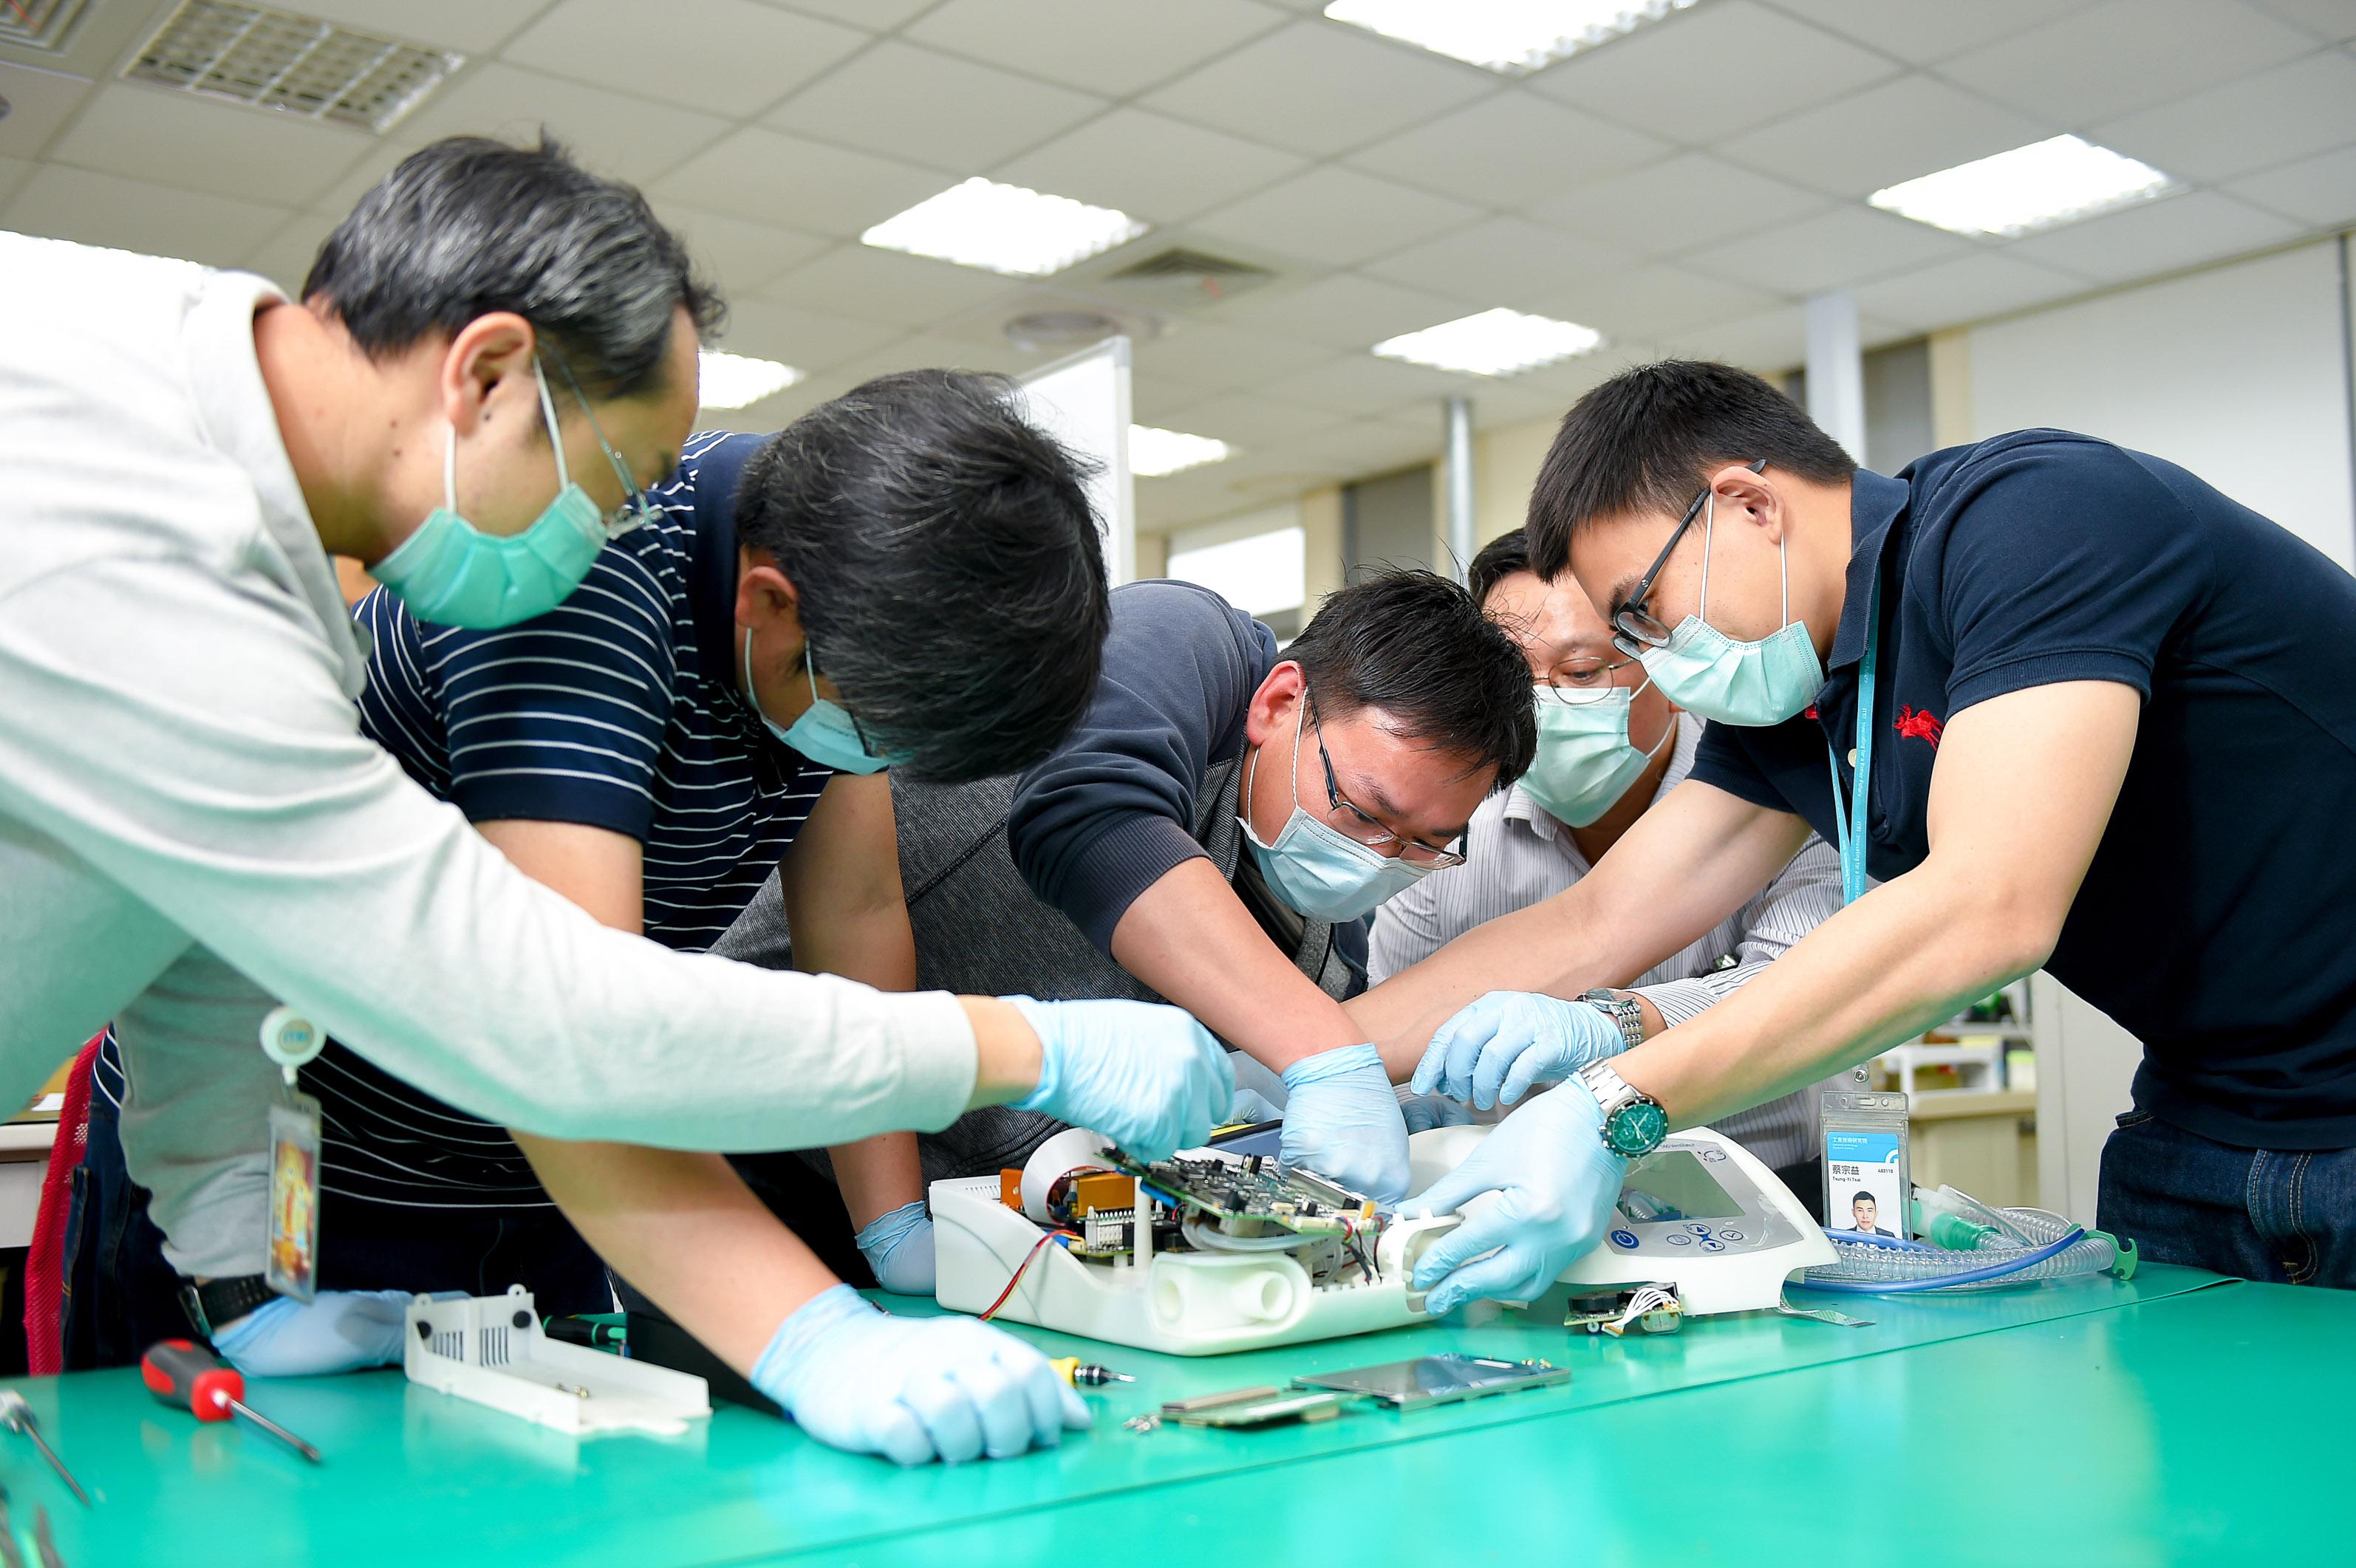 工研院在17天內從無到有,組裝成功臺灣第一台醫療級呼吸器原型機,讓臺灣從倚賴進口,升級到擁有自主生產能力。